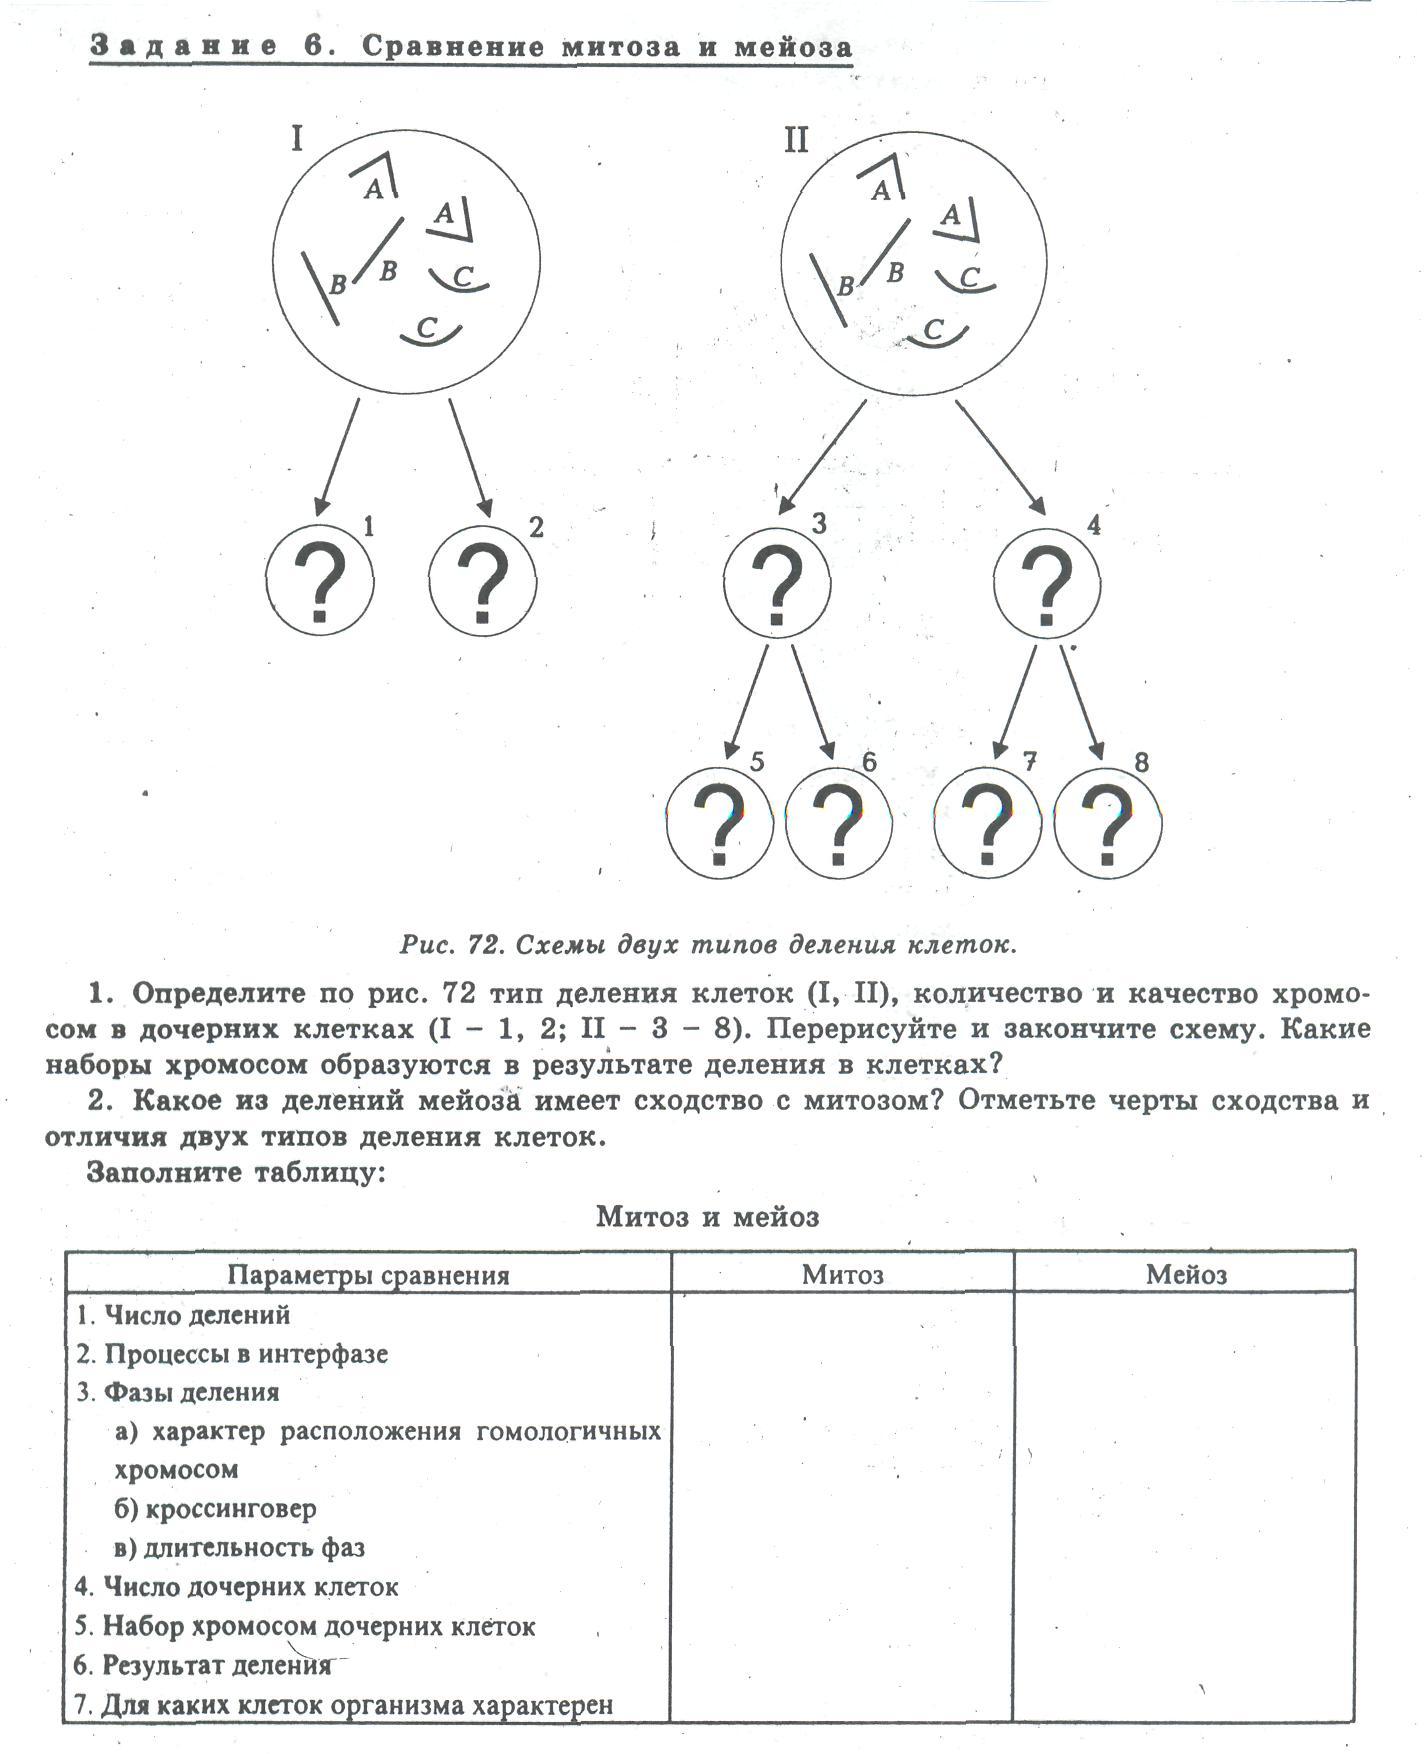 митоз и мейоз схема на казахском языке